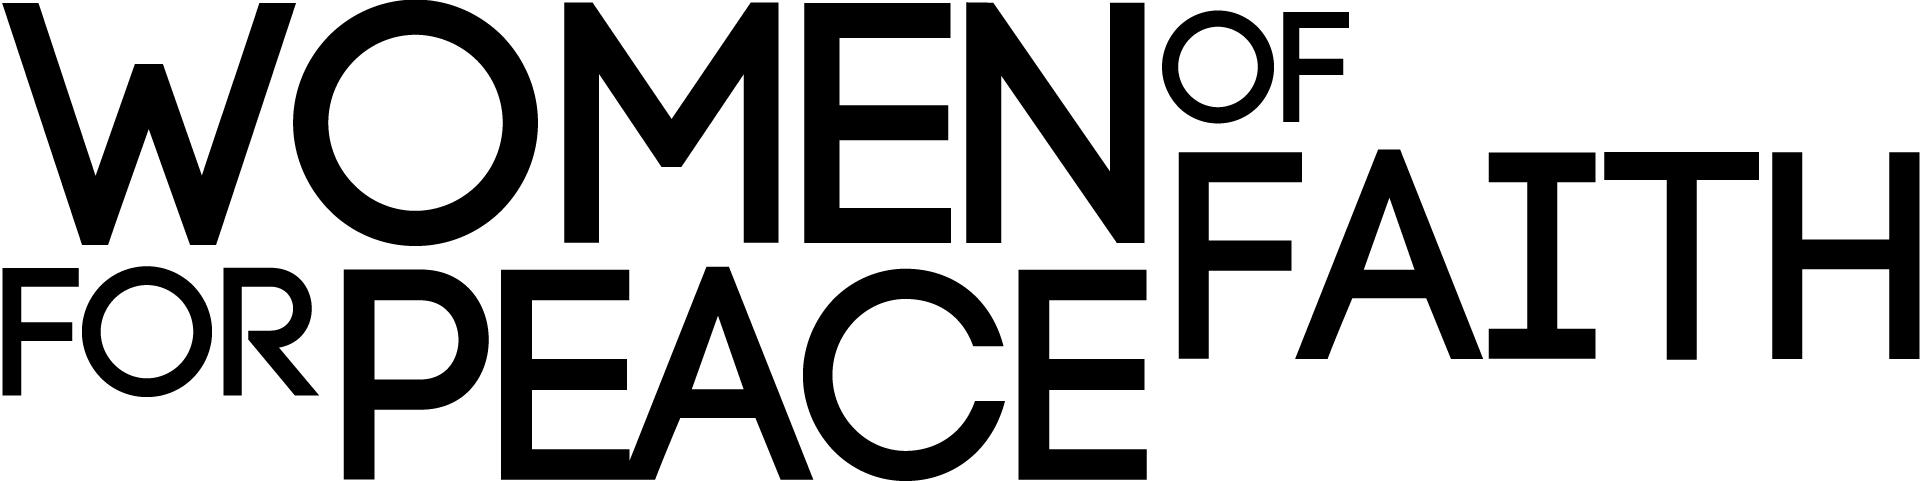 Women of Faith for Peace